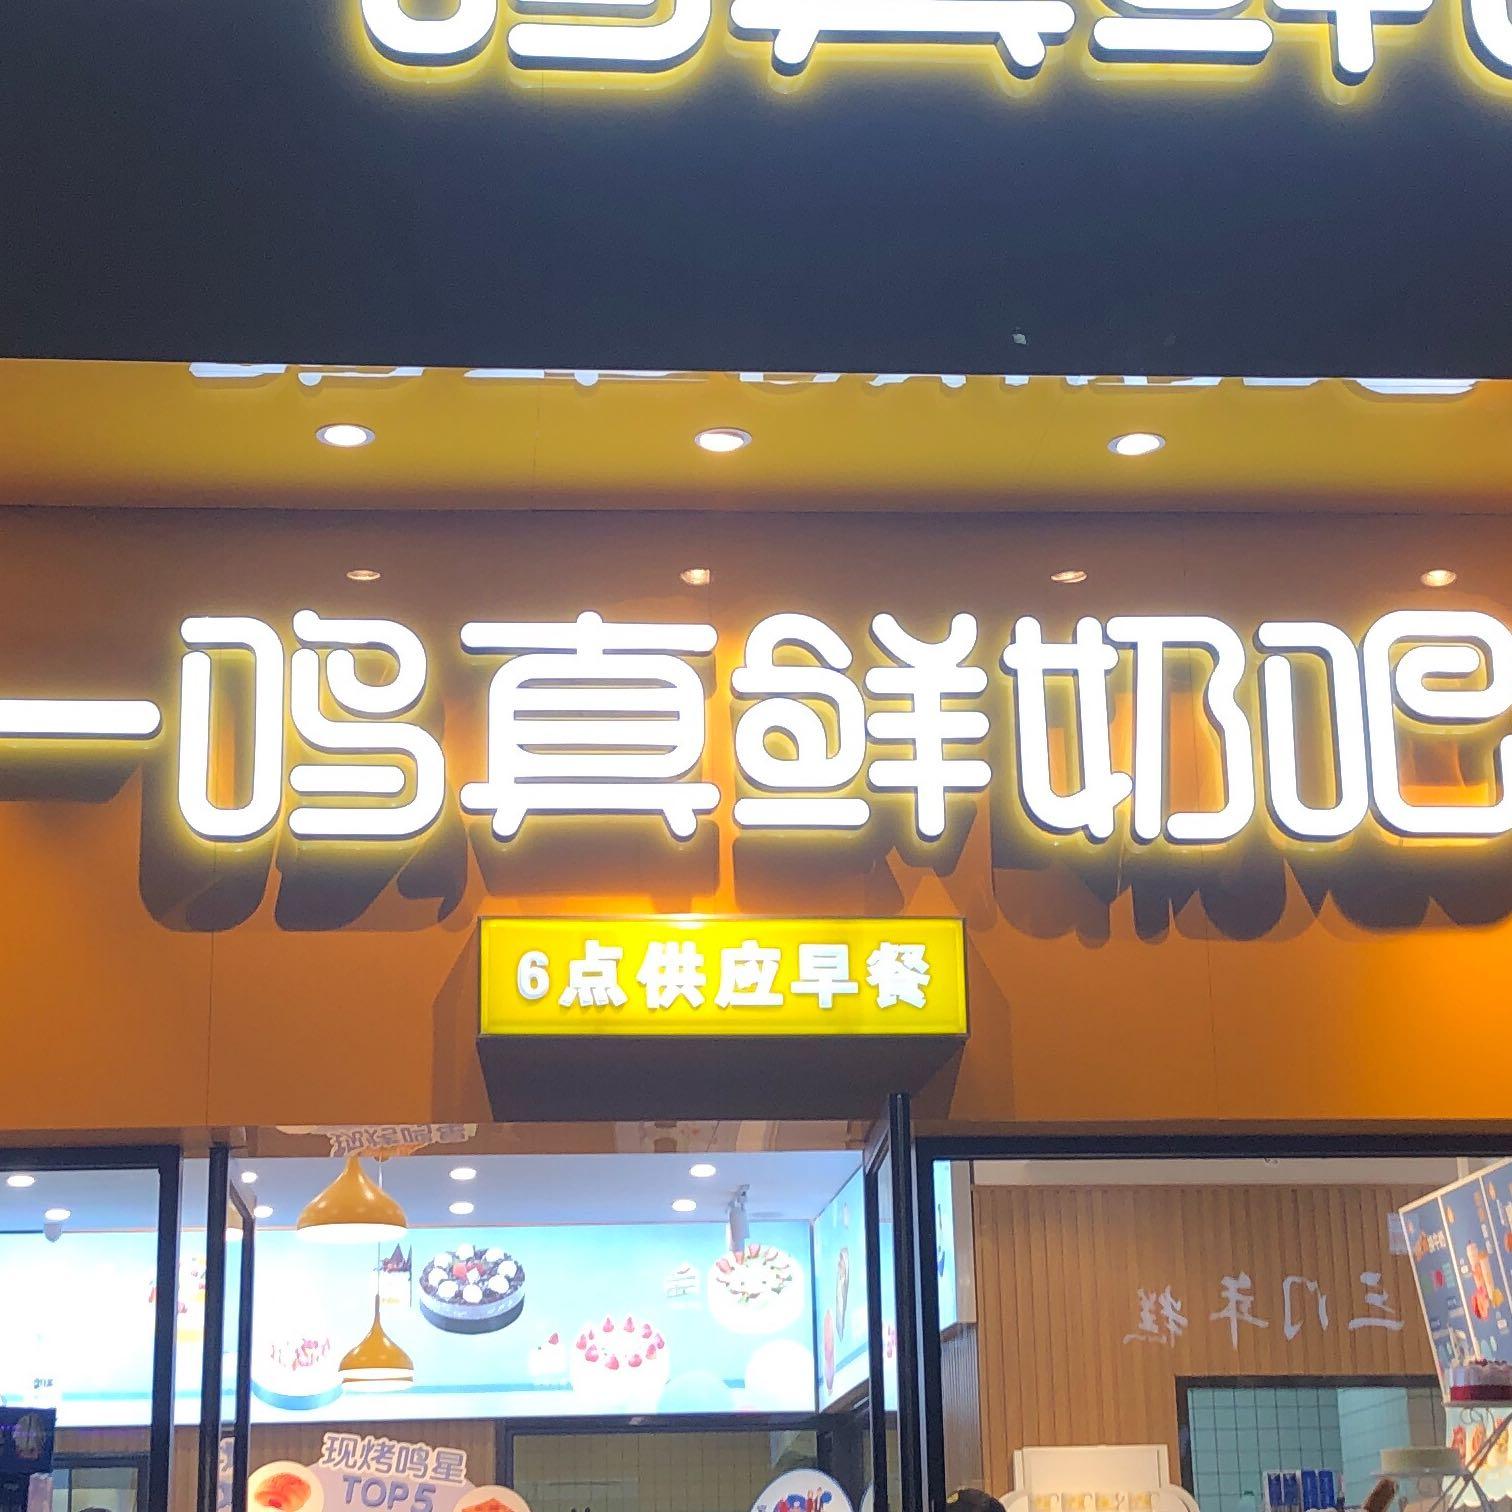 浙江舒活食品连锁有限公司高新区分公司